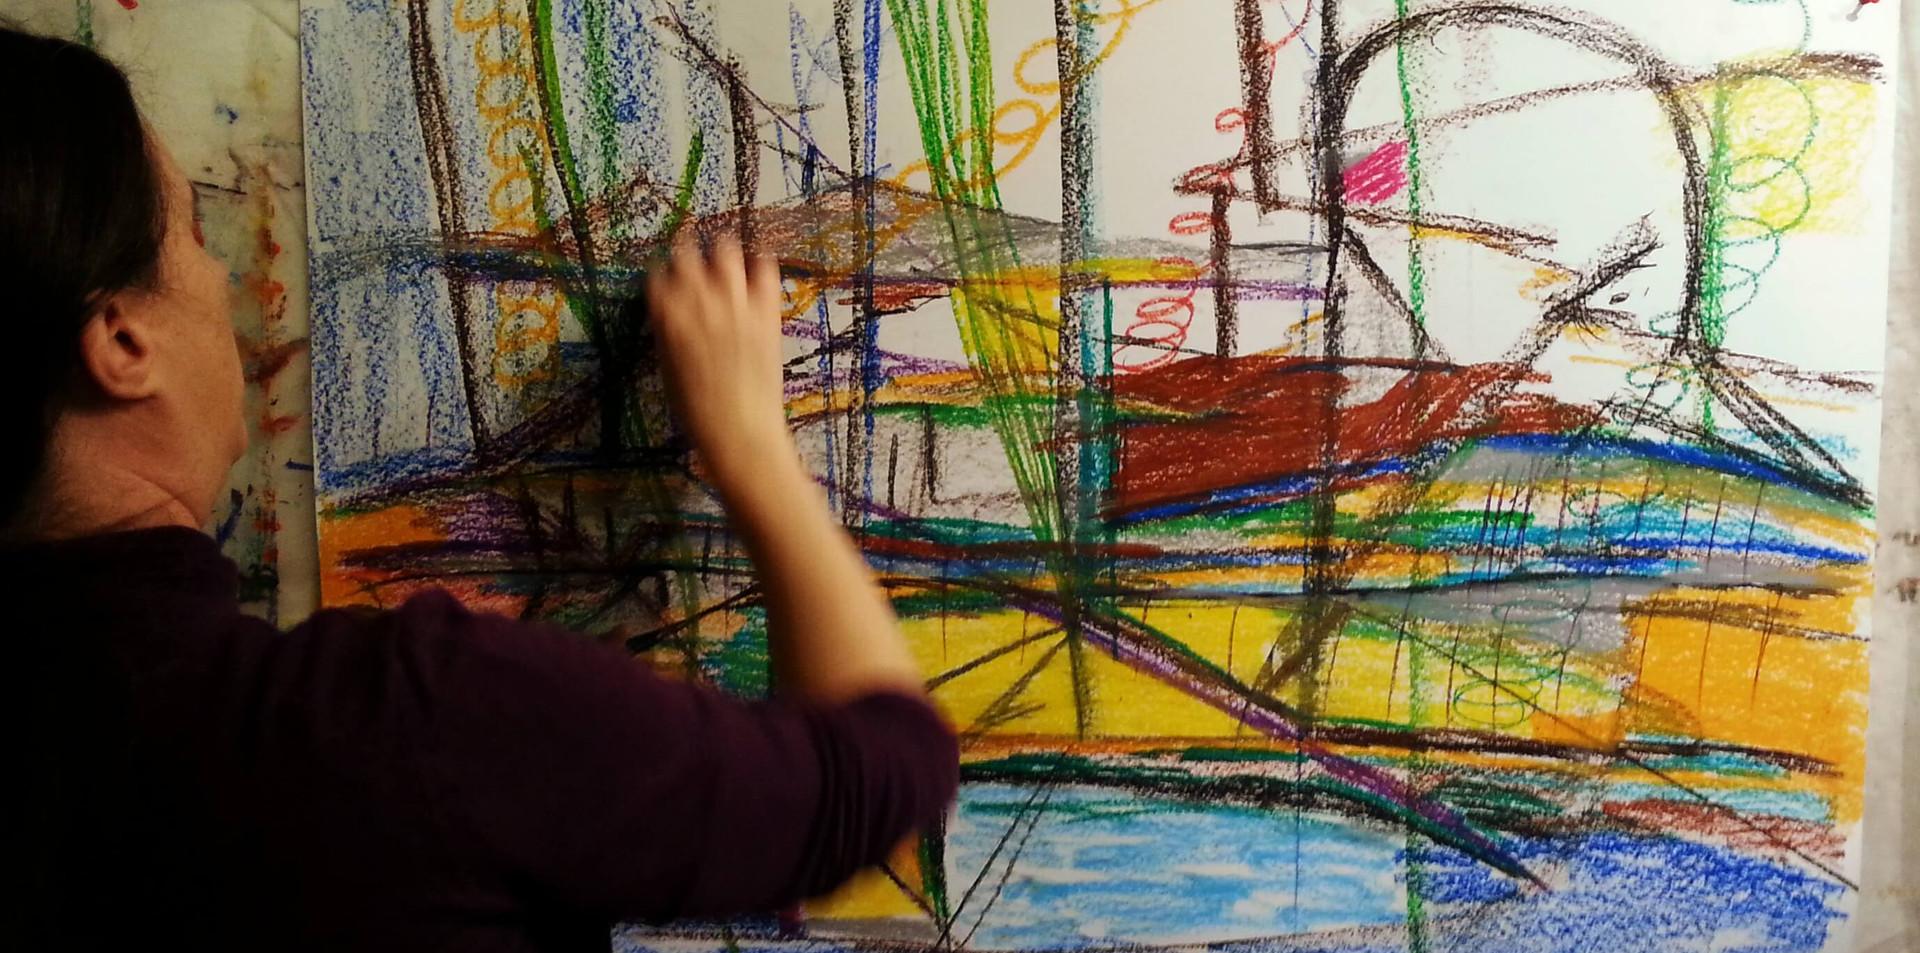 ציור אינטואיטיבי בפנדה בעמידה